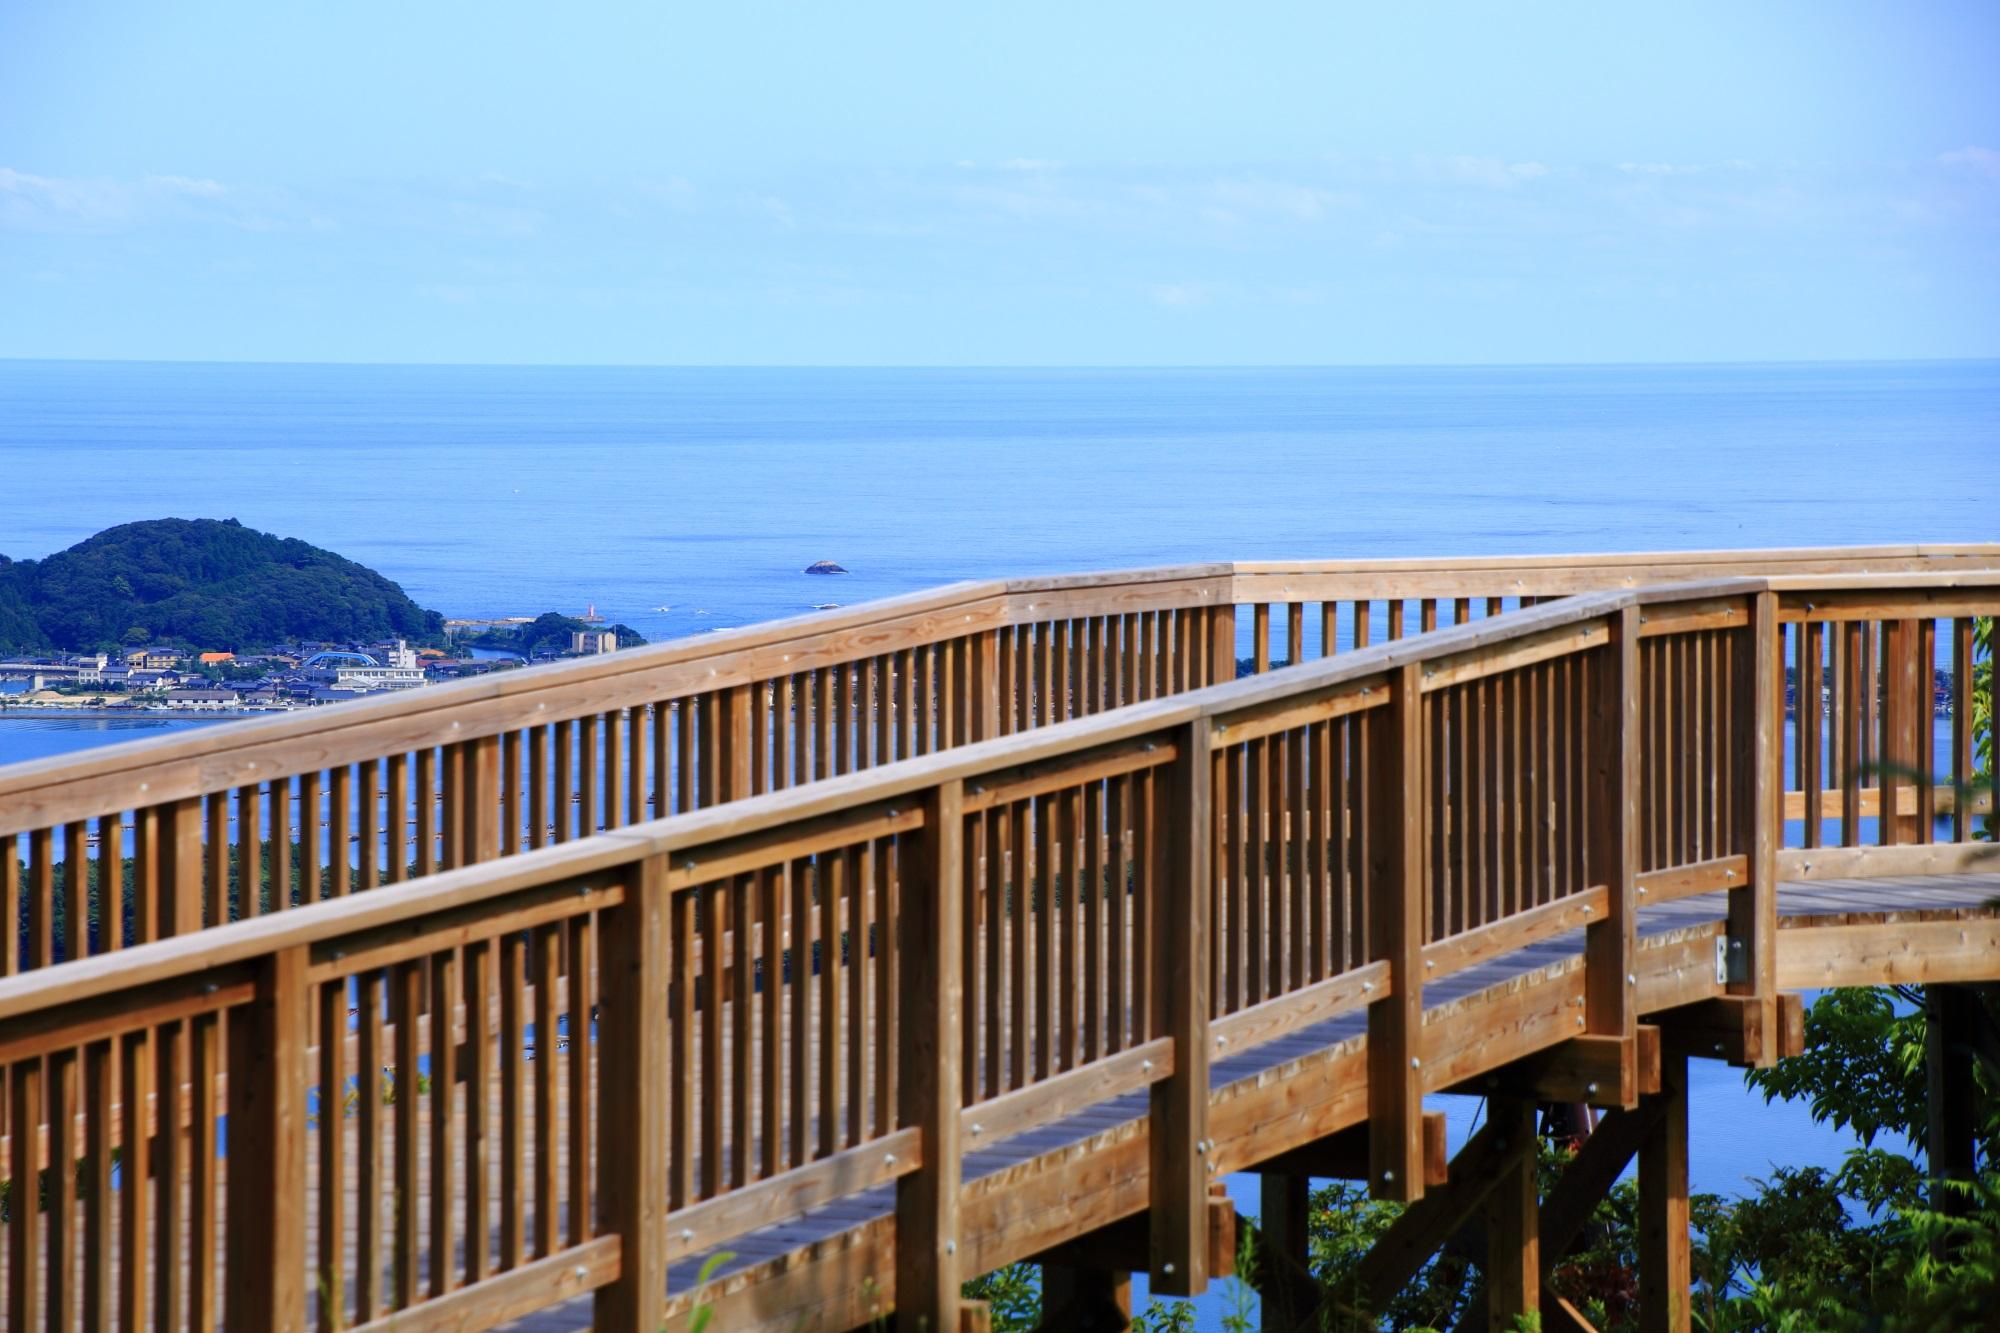 どこまでも広がっていきそうな日本海が見渡せる久美浜湾展望台